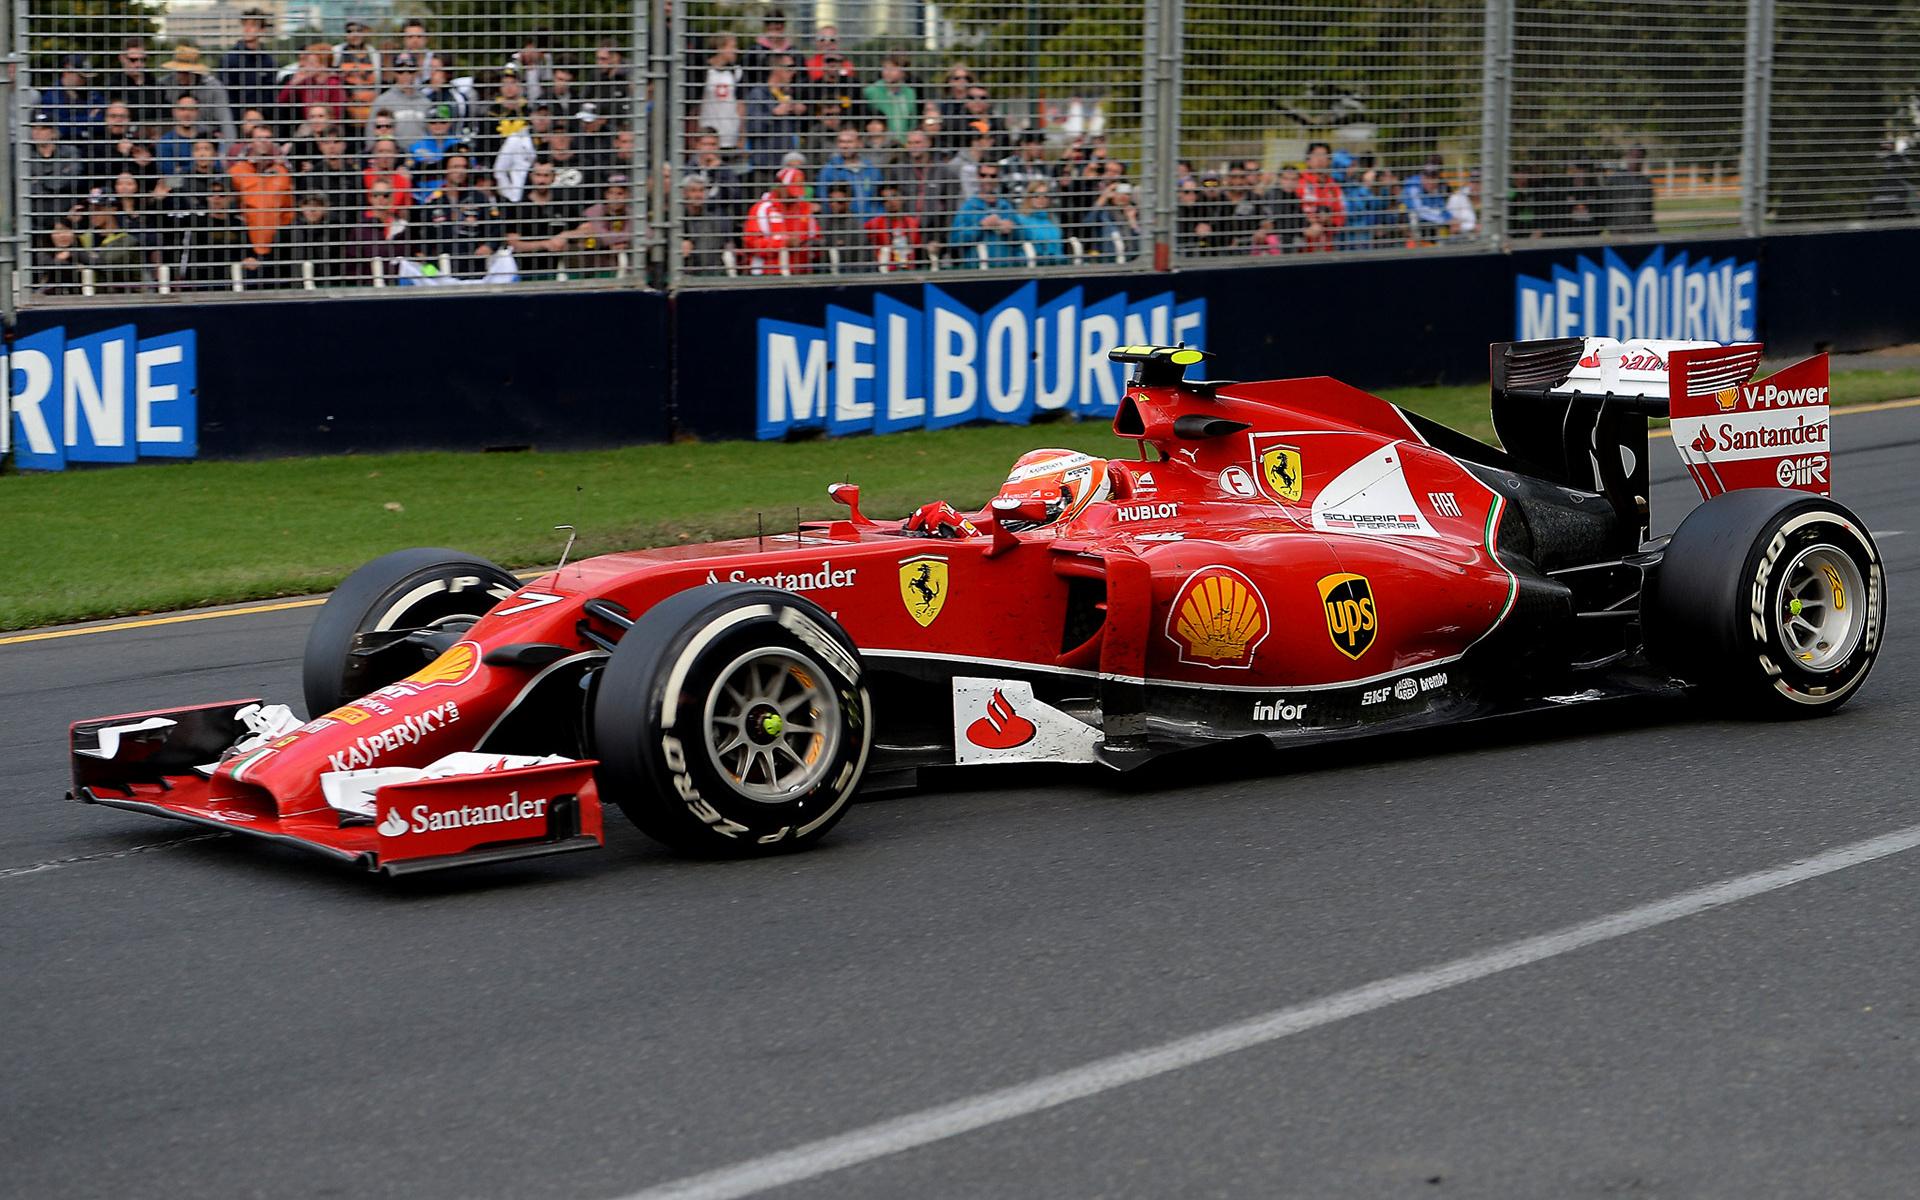 Ferrari F14 T (2014) Wallpapers and HD Images - Car Pixel